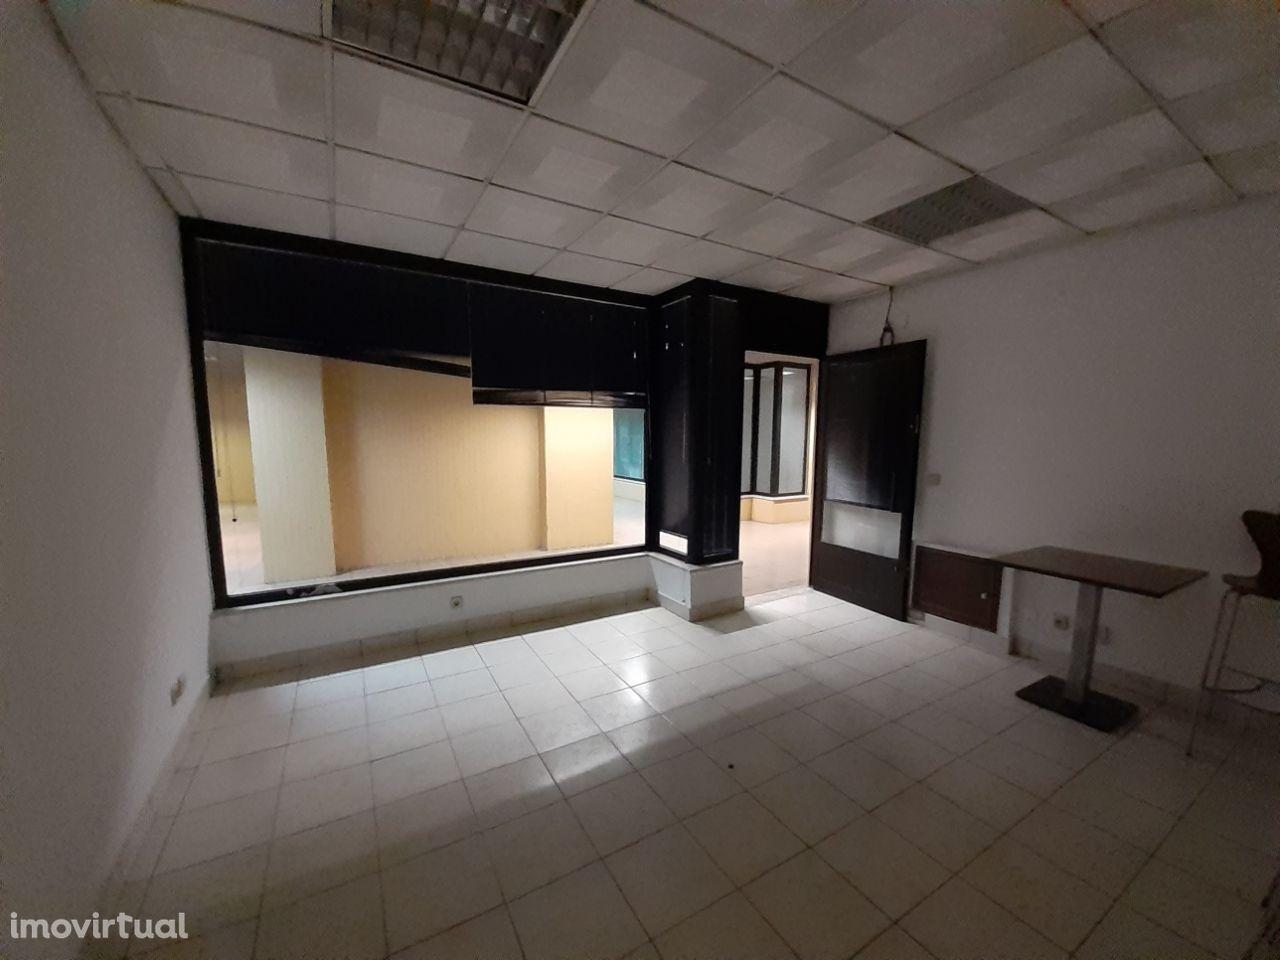 Sala ideal para serviços de contabilidade, estética, engenharia,...